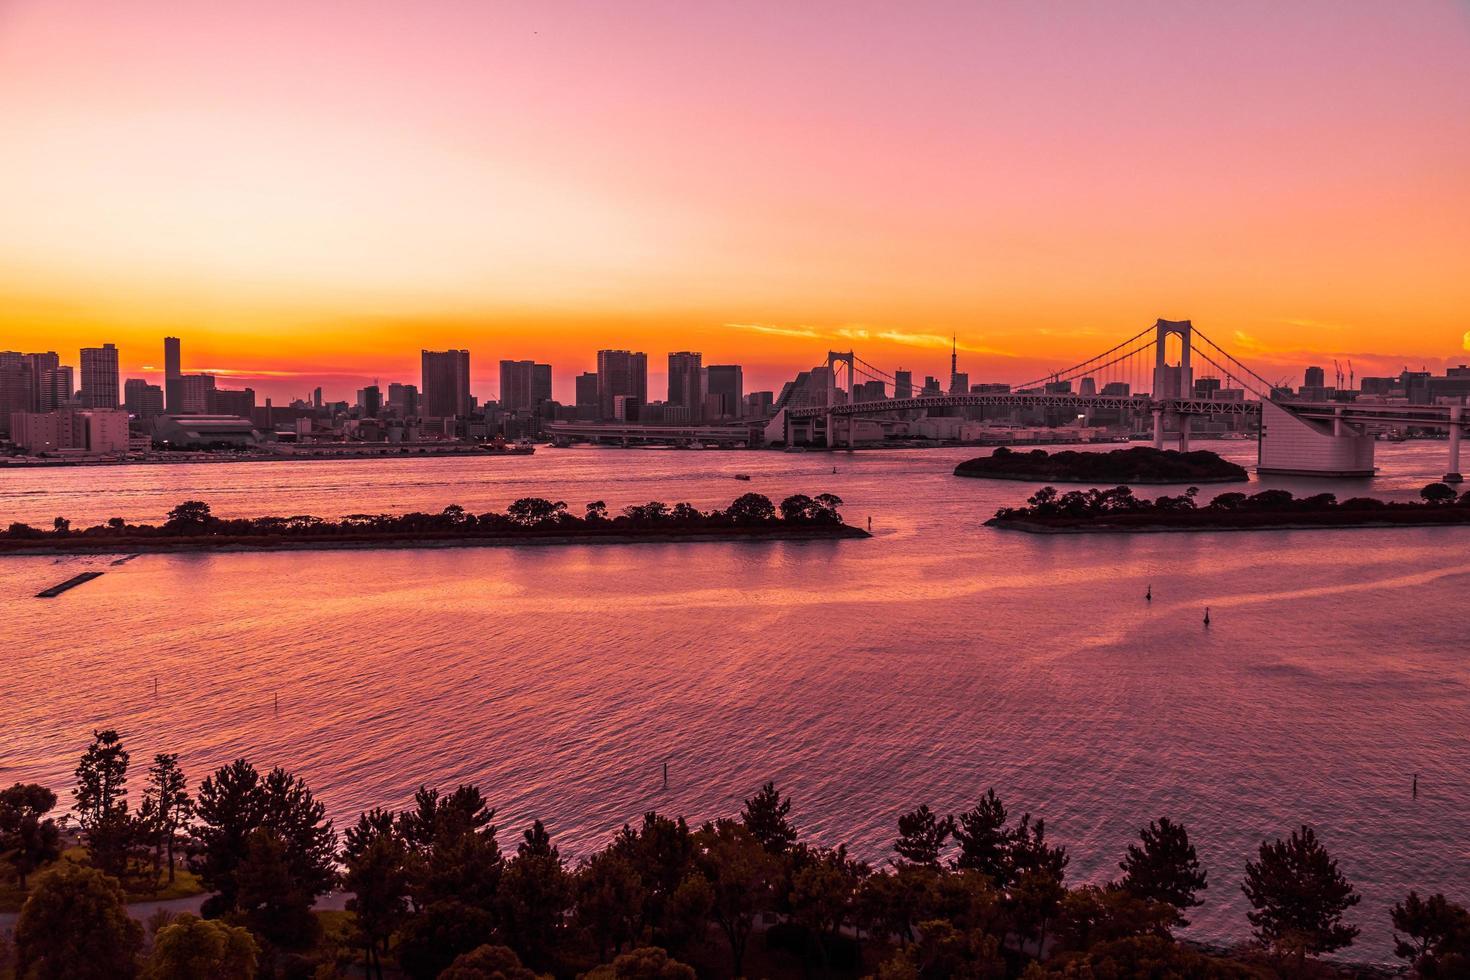 stadsgezicht van de stad van tokyo met regenboogbrug, japan foto